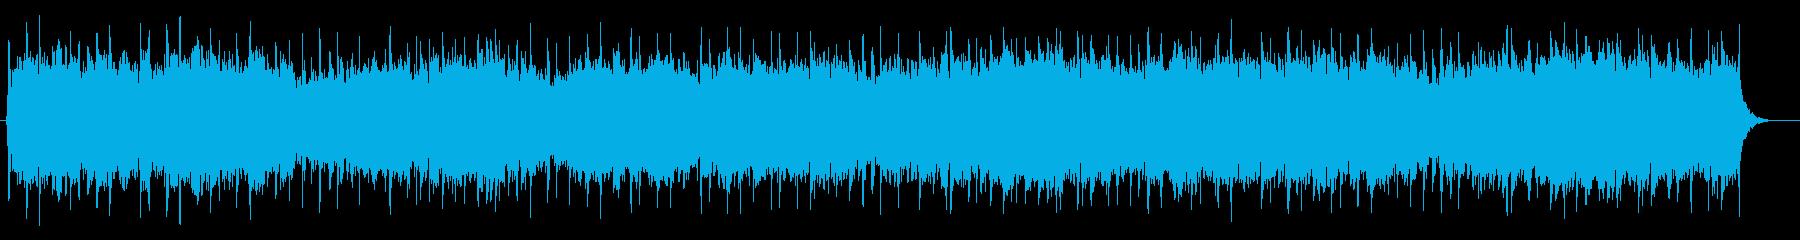 ゆっくりで安心感のあるバラードポップスの再生済みの波形